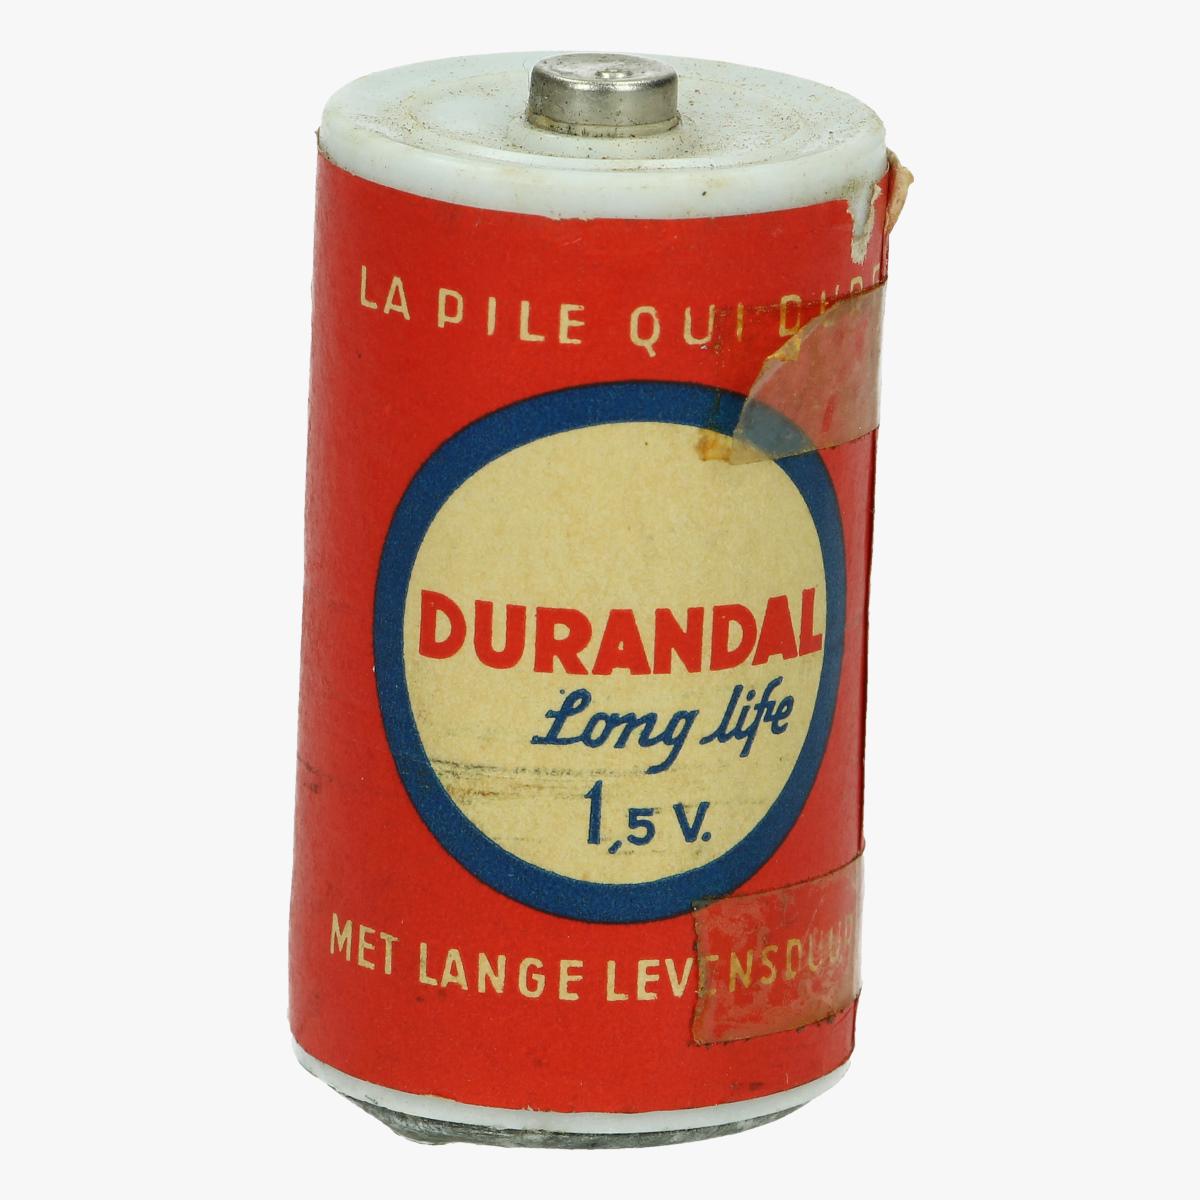 Afbeeldingen van oude batterij durandal long live 1.5v